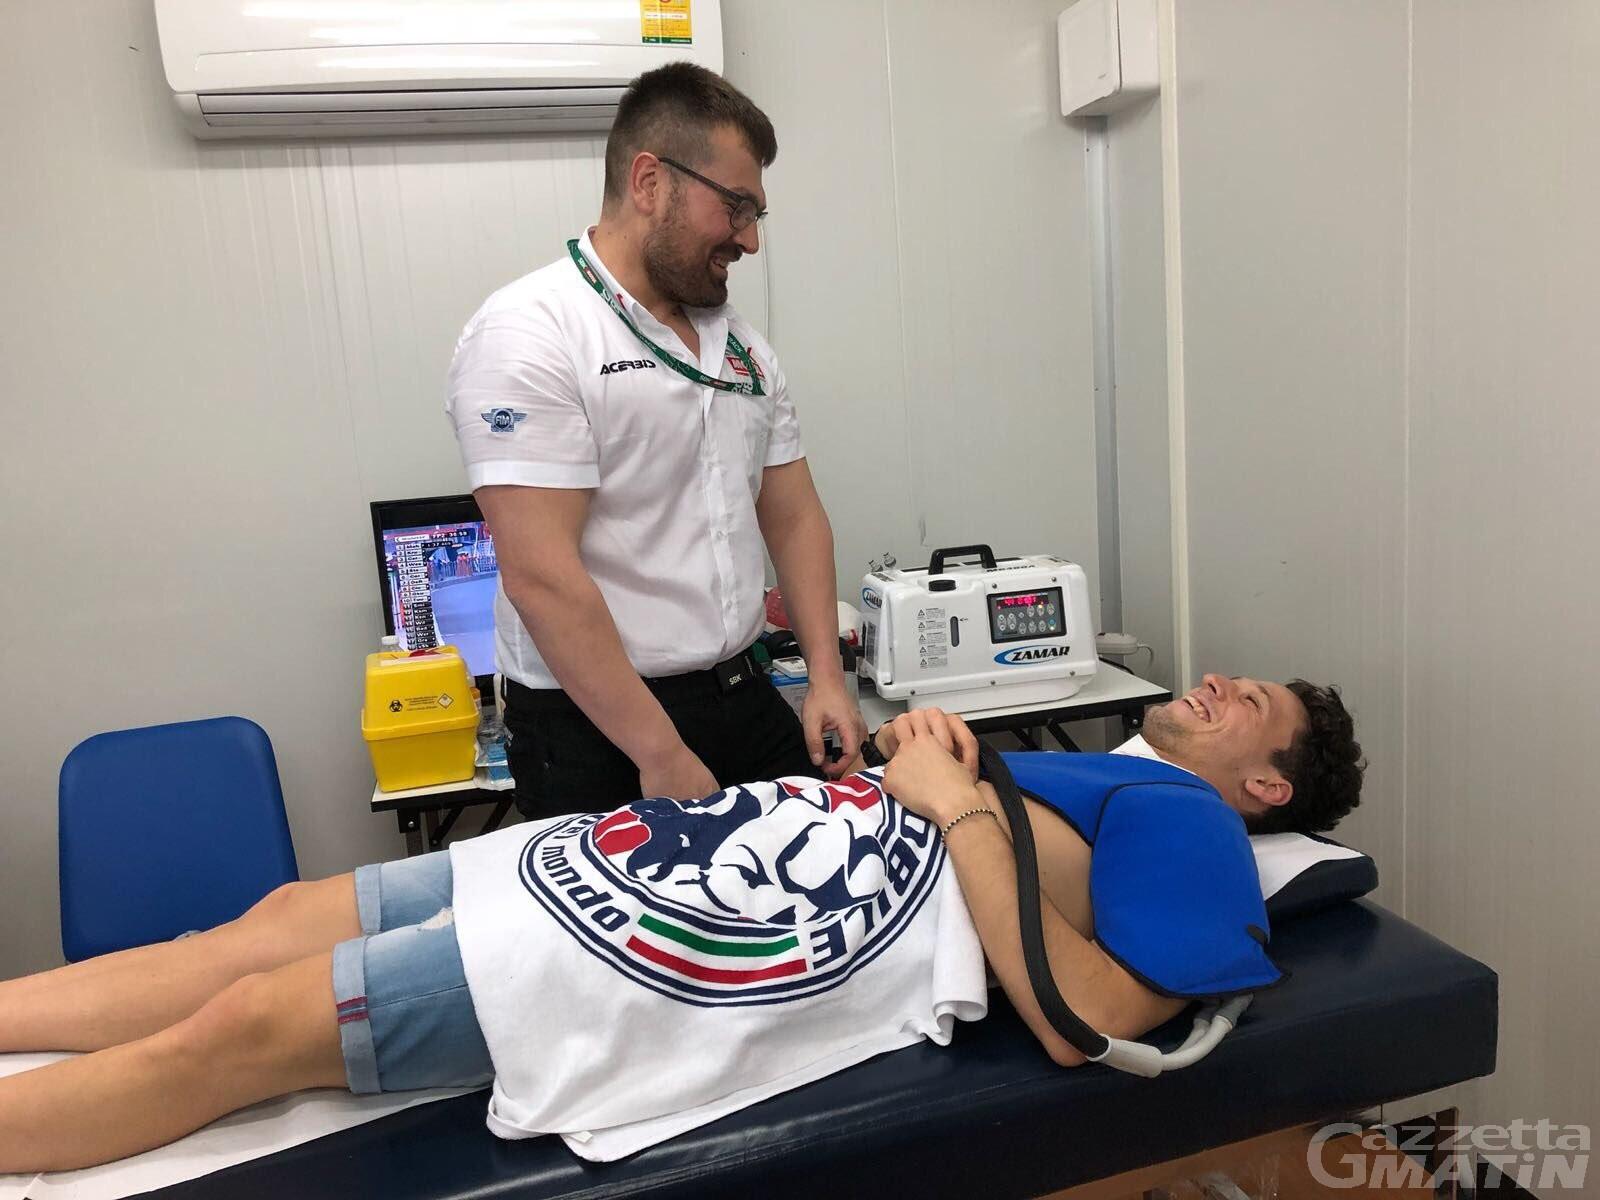 Medicina dello sport: Antonetti nuovo responsabile del gruppo IRV